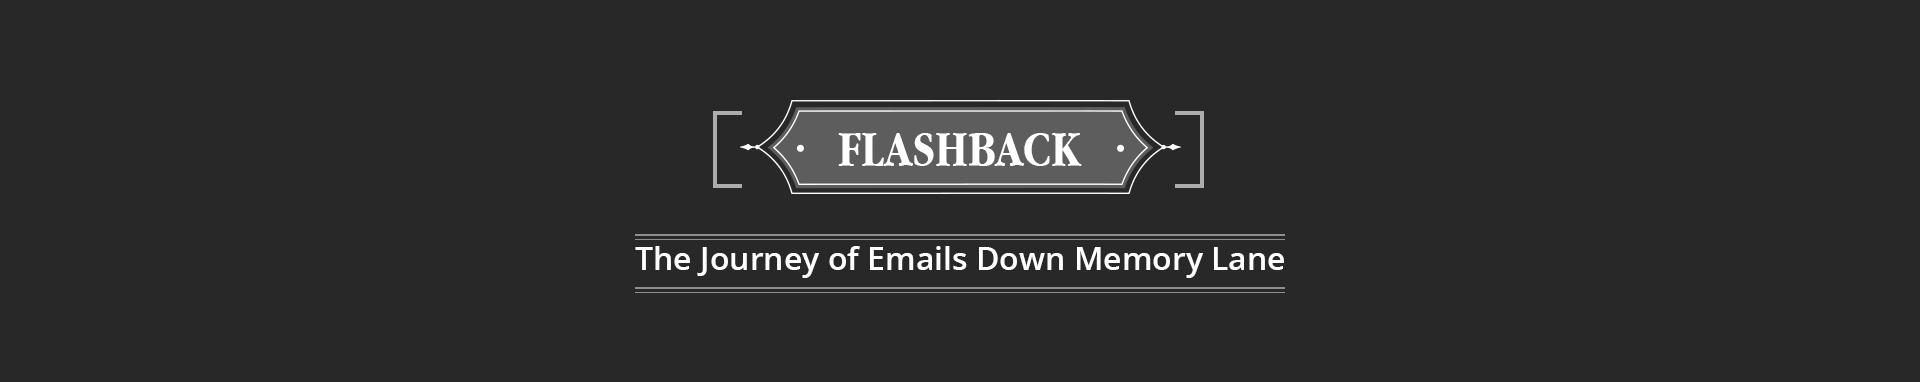 Email Flashback